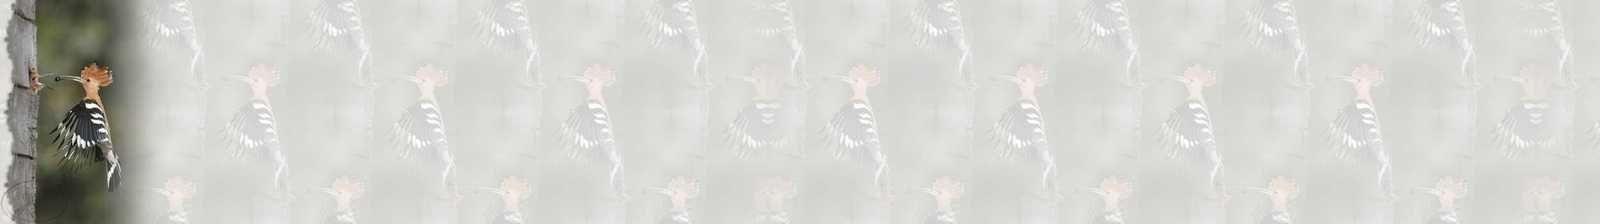 Huppe d'Afrique Oiseaux Incredimail &amp&#x3B; A4 h l &amp&#x3B; outlook &amp&#x3B; enveloppe &amp&#x3B; 2 cartes A5 &amp&#x3B; signets 3 langues   ois_huppe_d_afrique_micheline_00